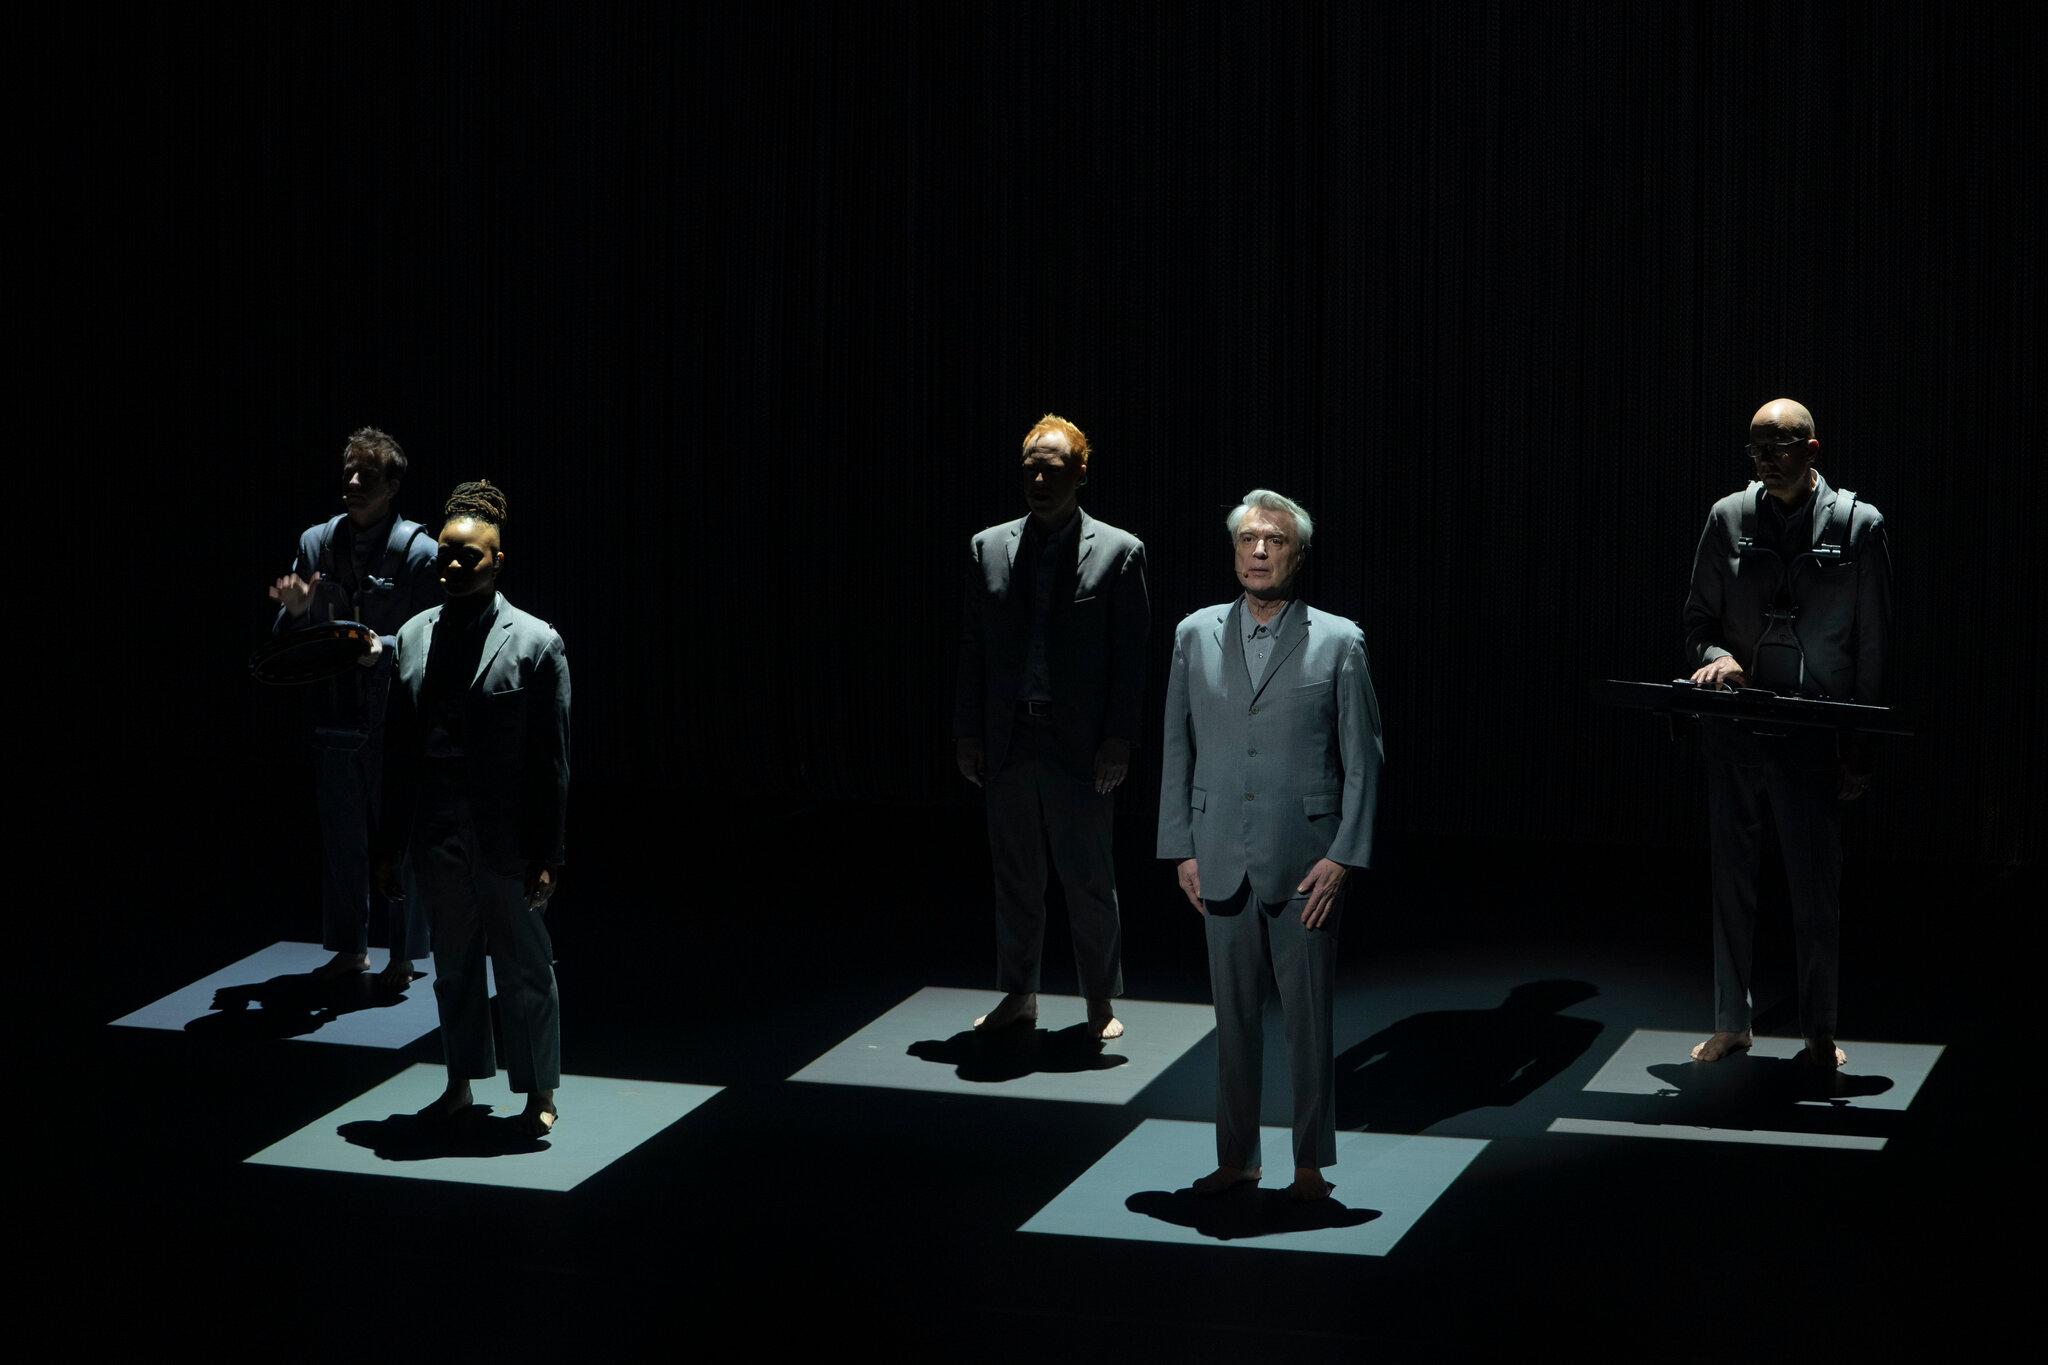 Cena do especial David Byrne's American Utopia. Cinco pessoas vestindo ternos cinzas e descalços se encontram em pé, voltados para a mesma direção. A ambientação se encontra toda escura, com exceção de cinco quadrados iluminados posicionados logo abaixo das pessoas. Da esquerda para a direita são vistos um homem branco tocando um tambor, uma mulher jovem e negra, um jovem branco e ruivo, e um homem branco de meia idade, os três com os braços paralelos ao corpo, e por fim um homem branco calvo tocando um teclado suspenso em seu próprio corpo. Todos têm sua fisionomia ofuscada pela ausência de luz frontal, com exceção do homem de meia idade, que é David Byrne, que recebe uma luz frontal criando uma sombra atrás de si para além do quadrado.